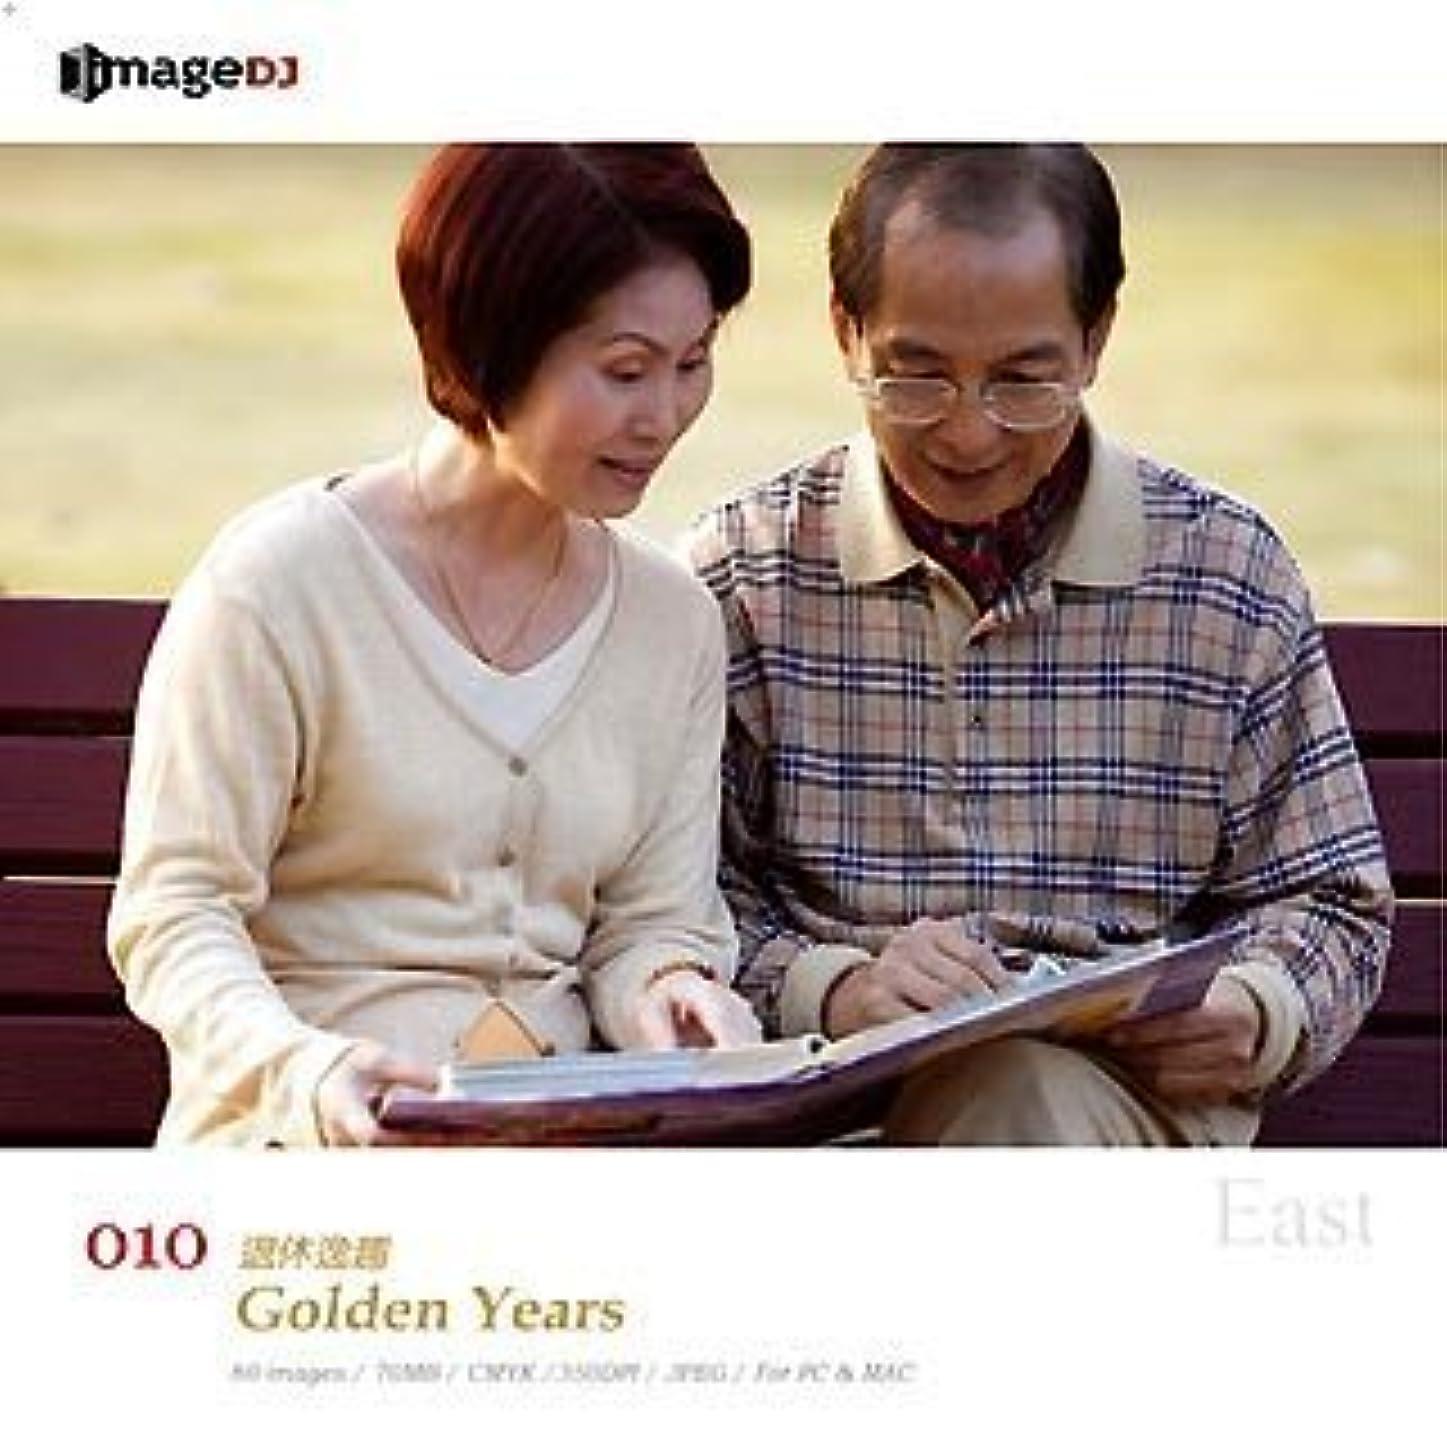 名前でダウンタウン変数EAST vol.10 安心老後 Golden Years